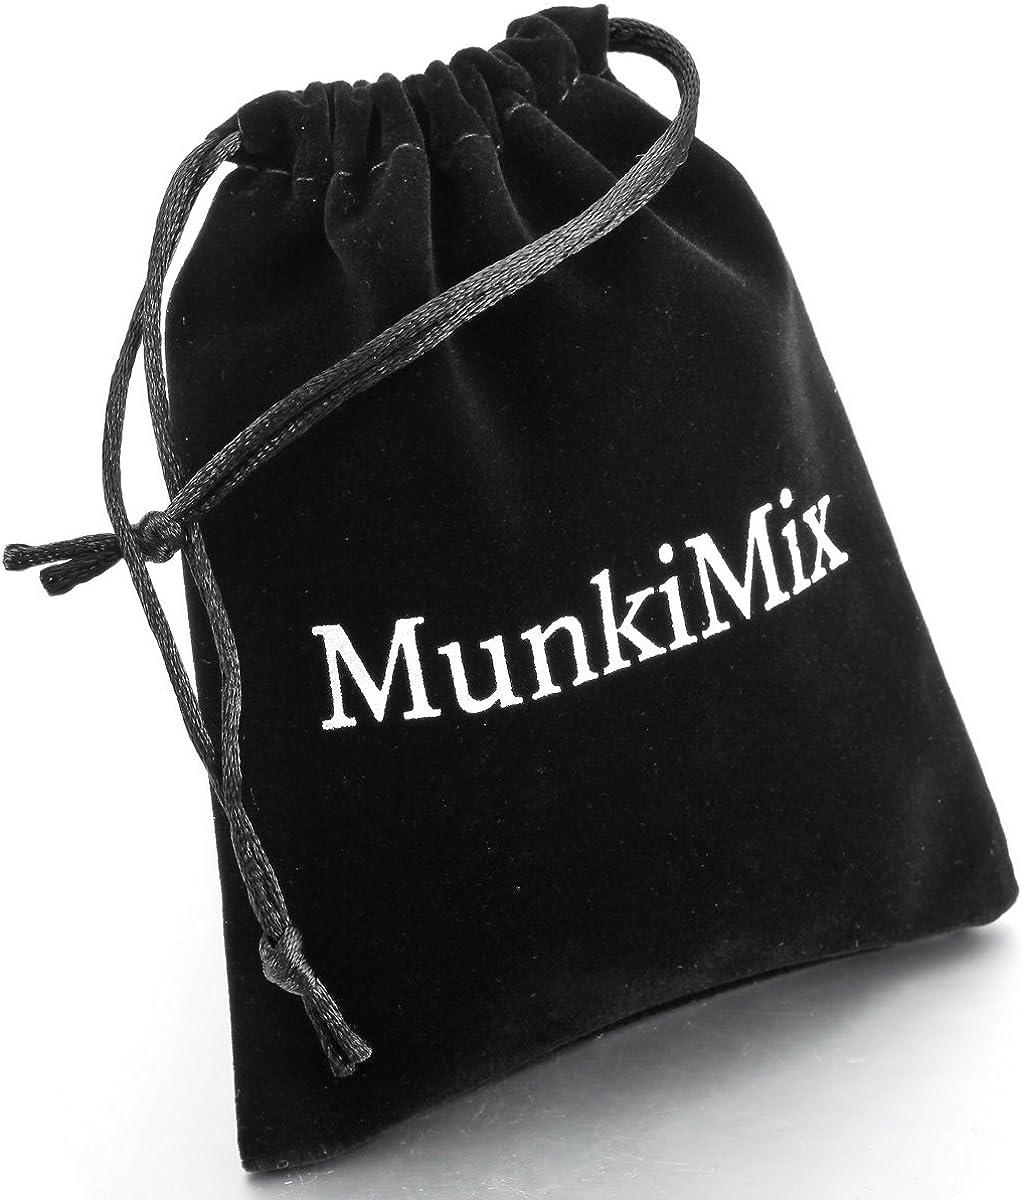 MunkiMix 8mm C/éramique Anneau Bague Comfort Fit Bague Noir Rouge Mariage Poli Unique Homme